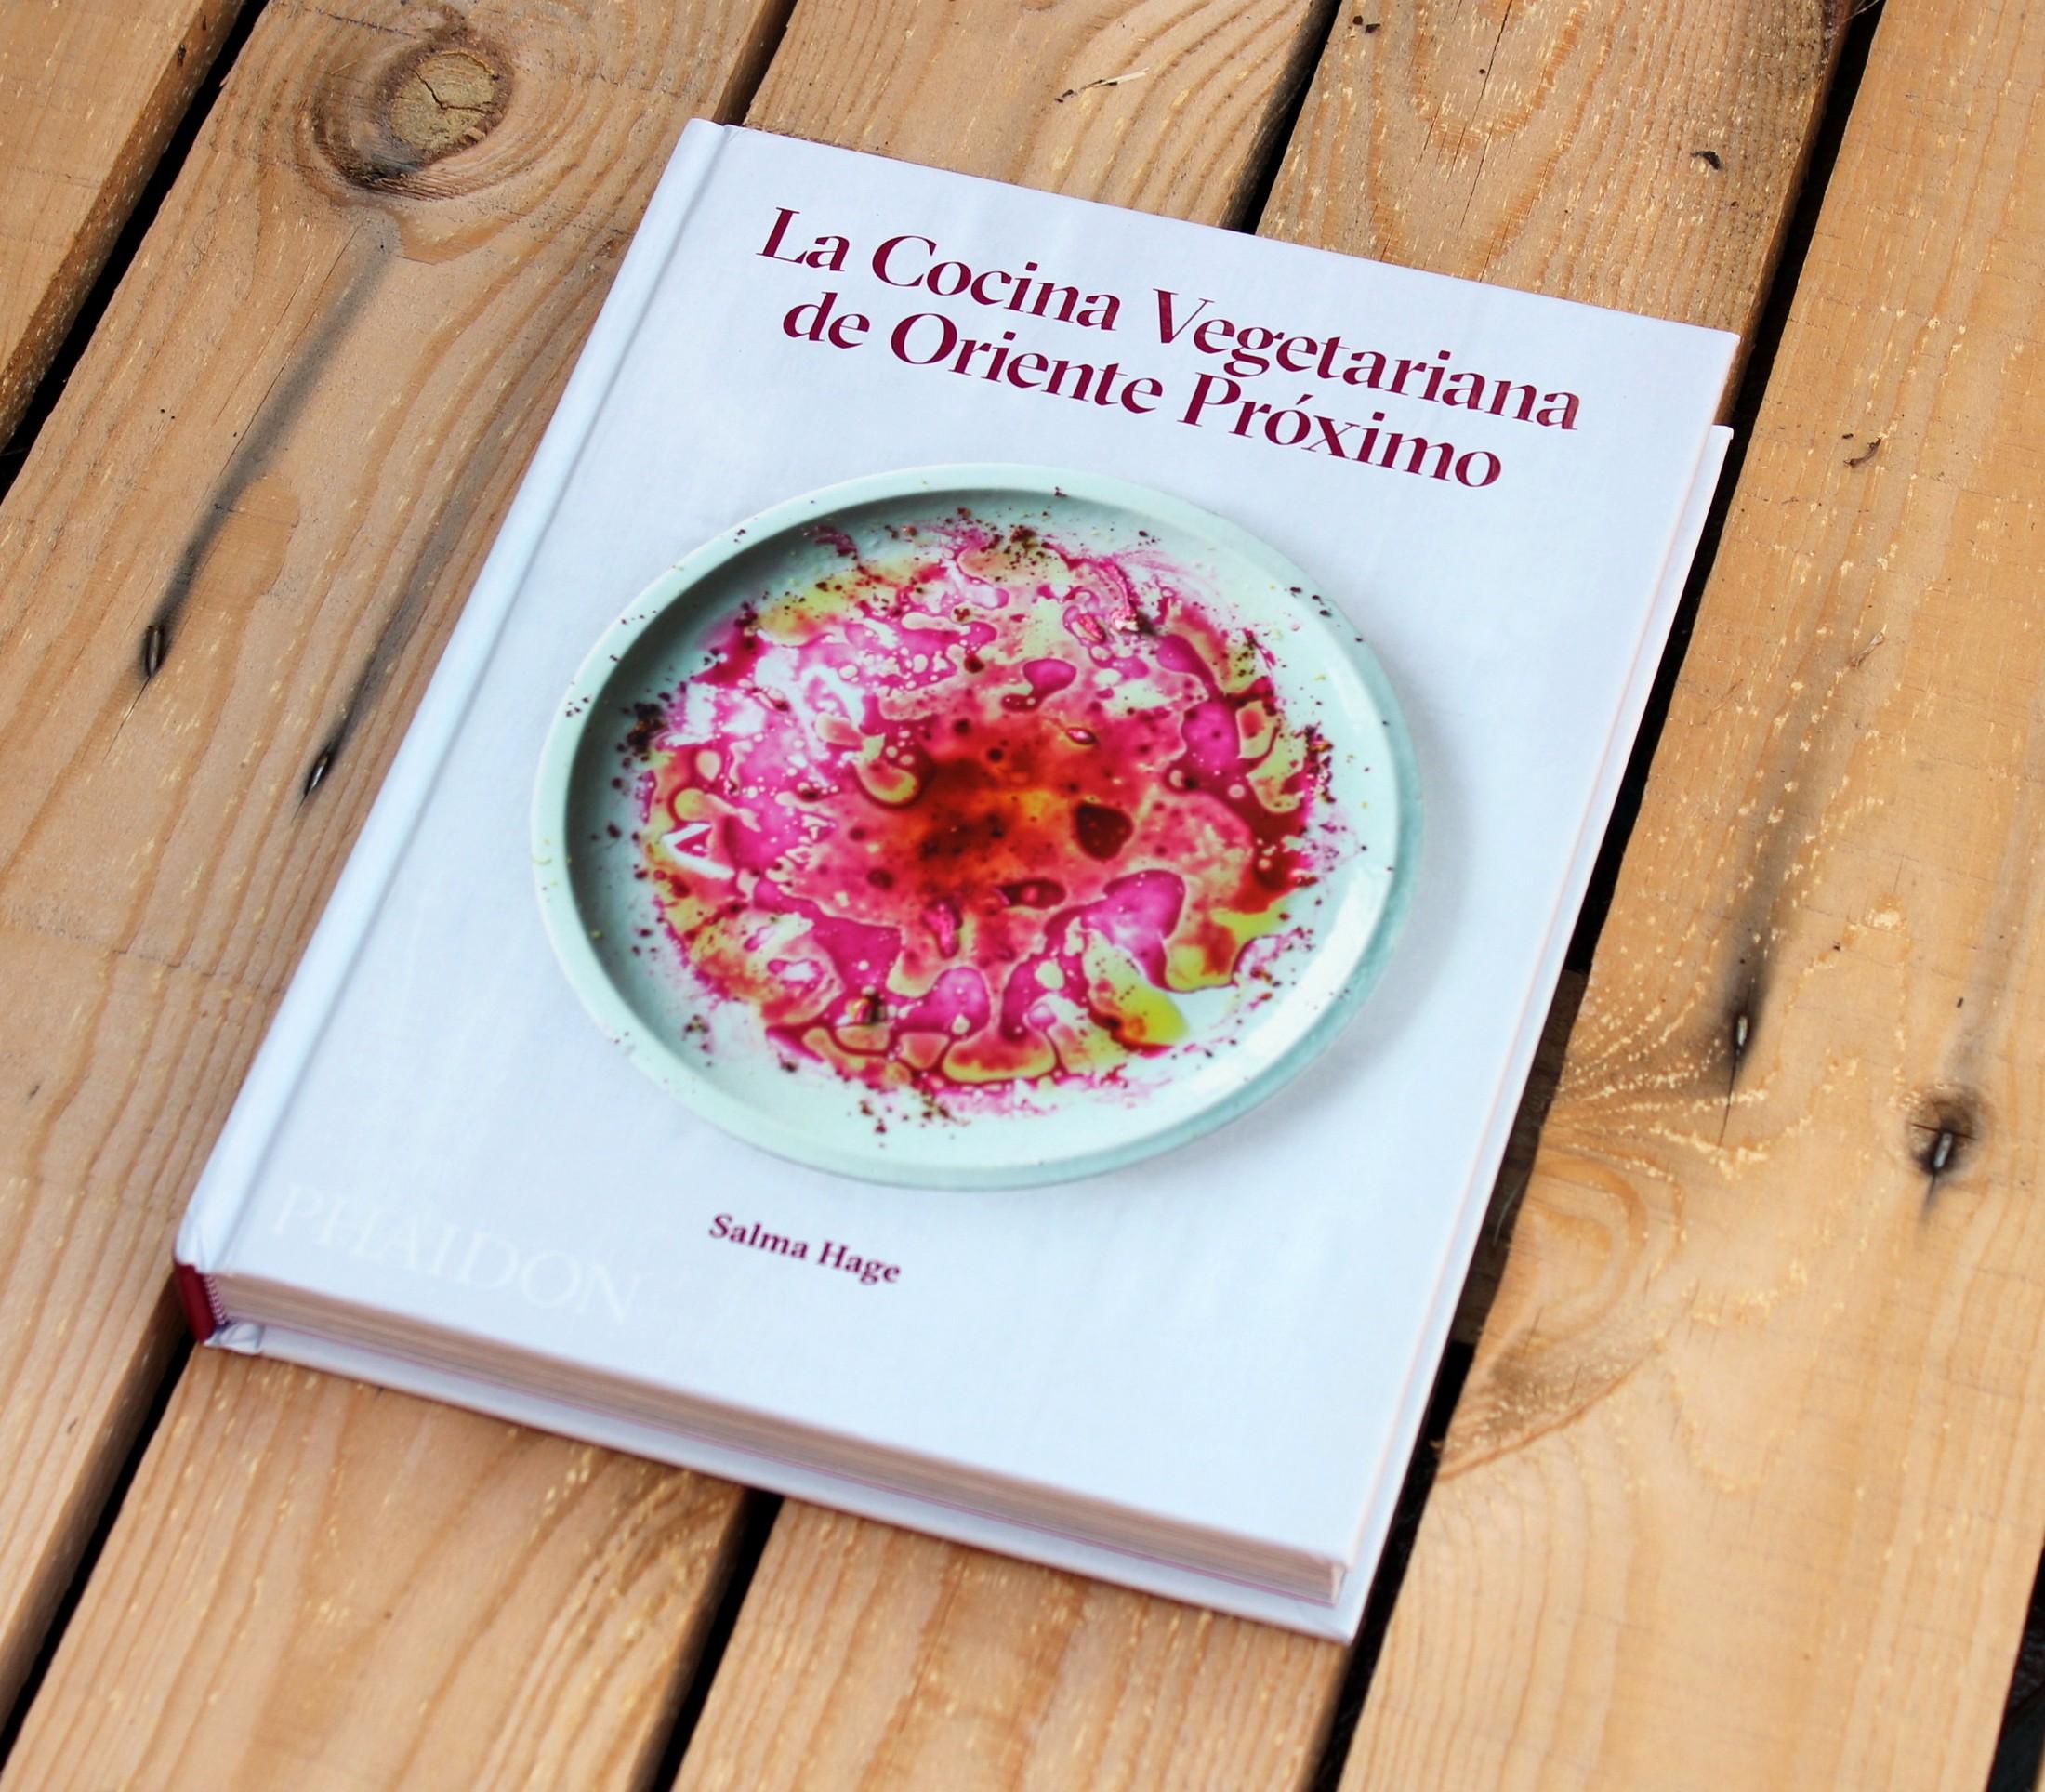 La cocina vegetariana de oriente pr ximo de salma hage for Blogs cocina vegetariana